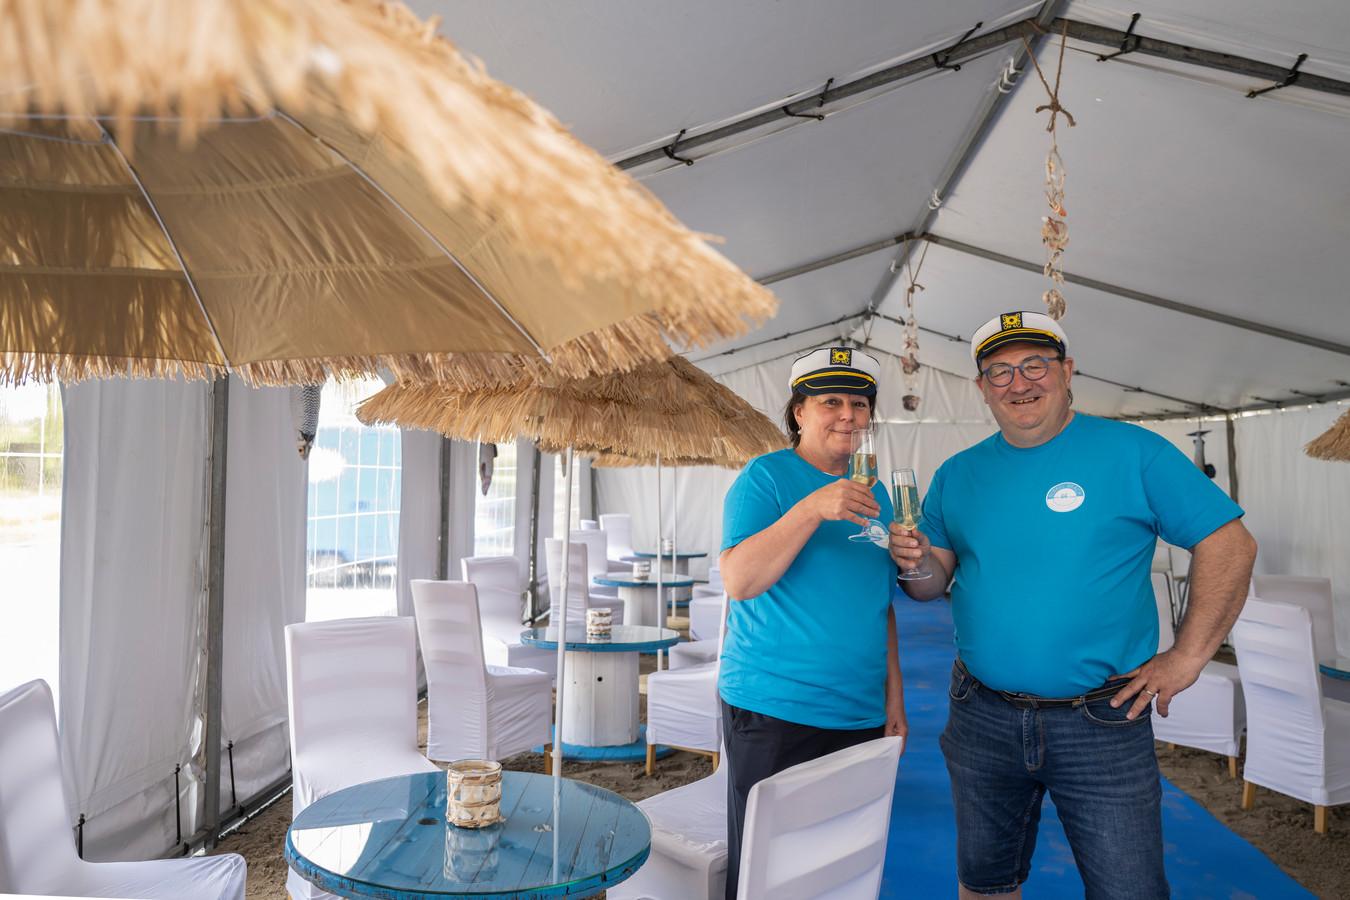 Christa en Chris zijn er helemaal klaar voor in hun zelfgemaakte beachlounge.